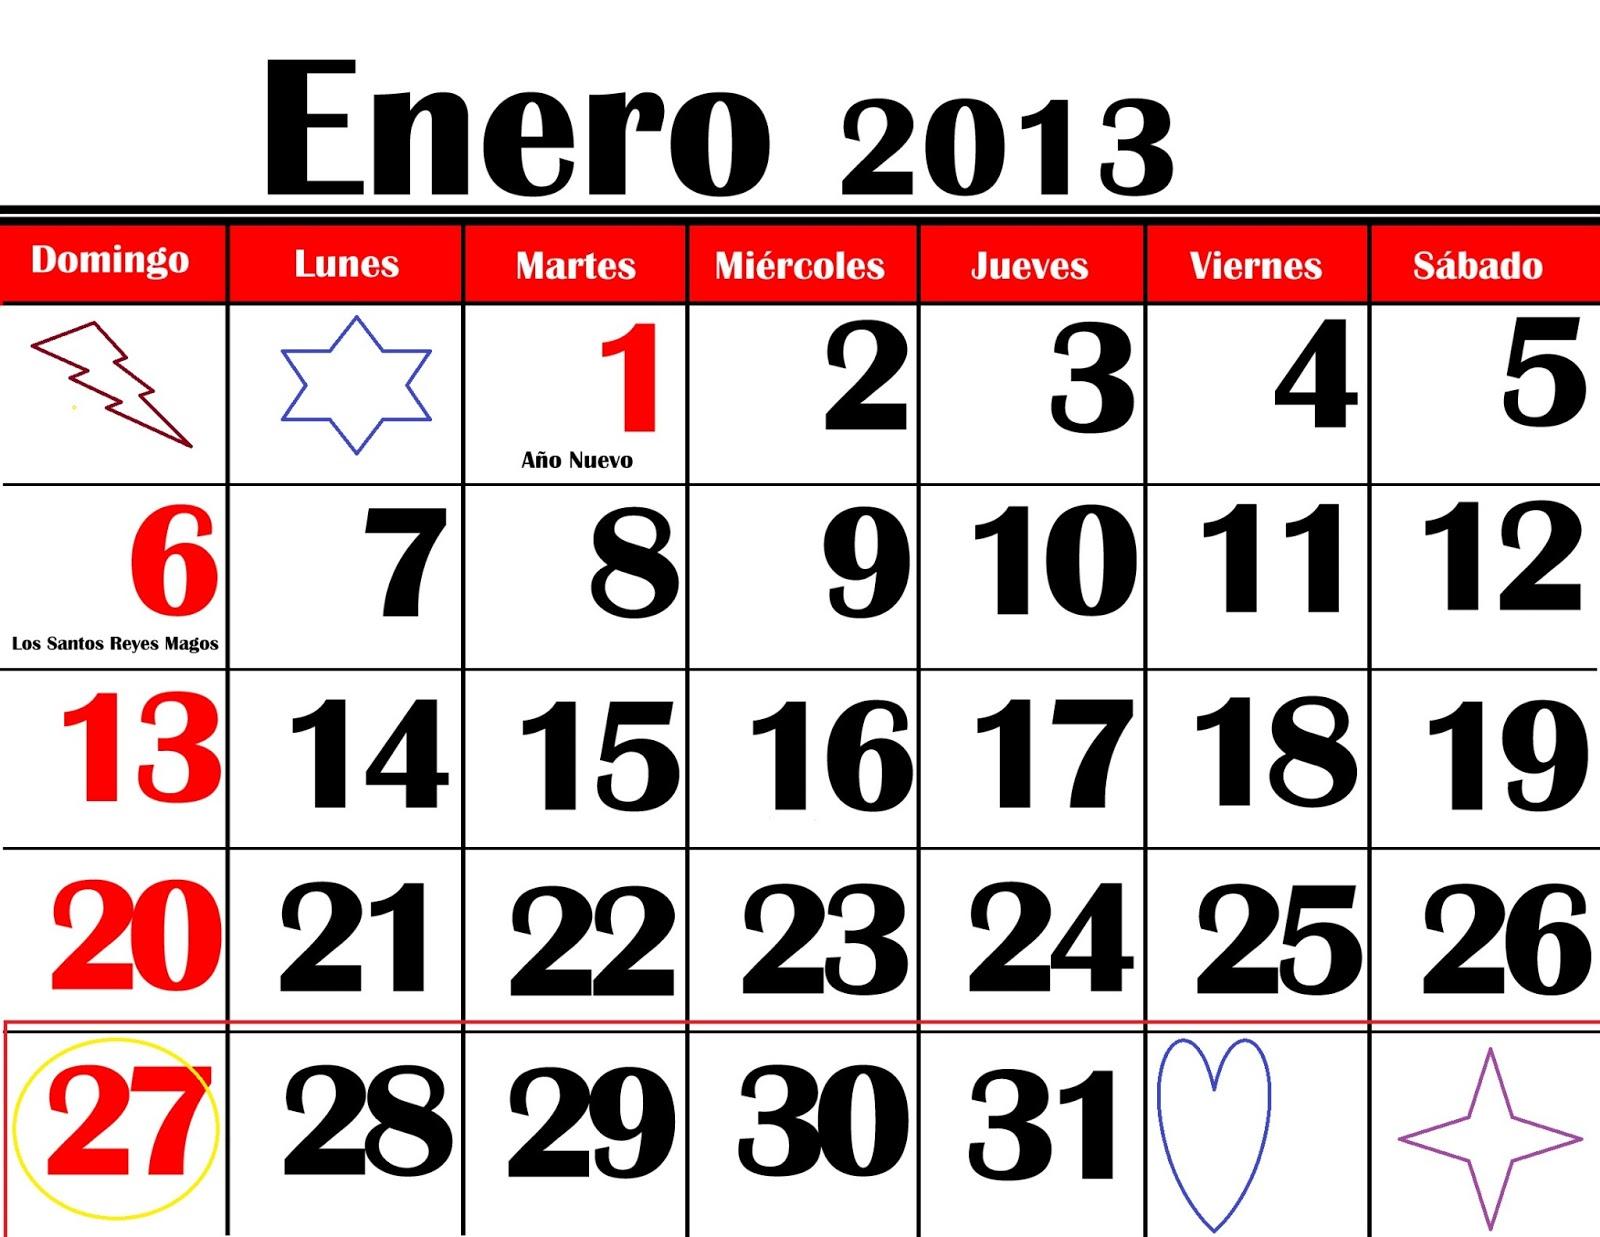 Esto Paso Domingo 27 De Enero Del 2013